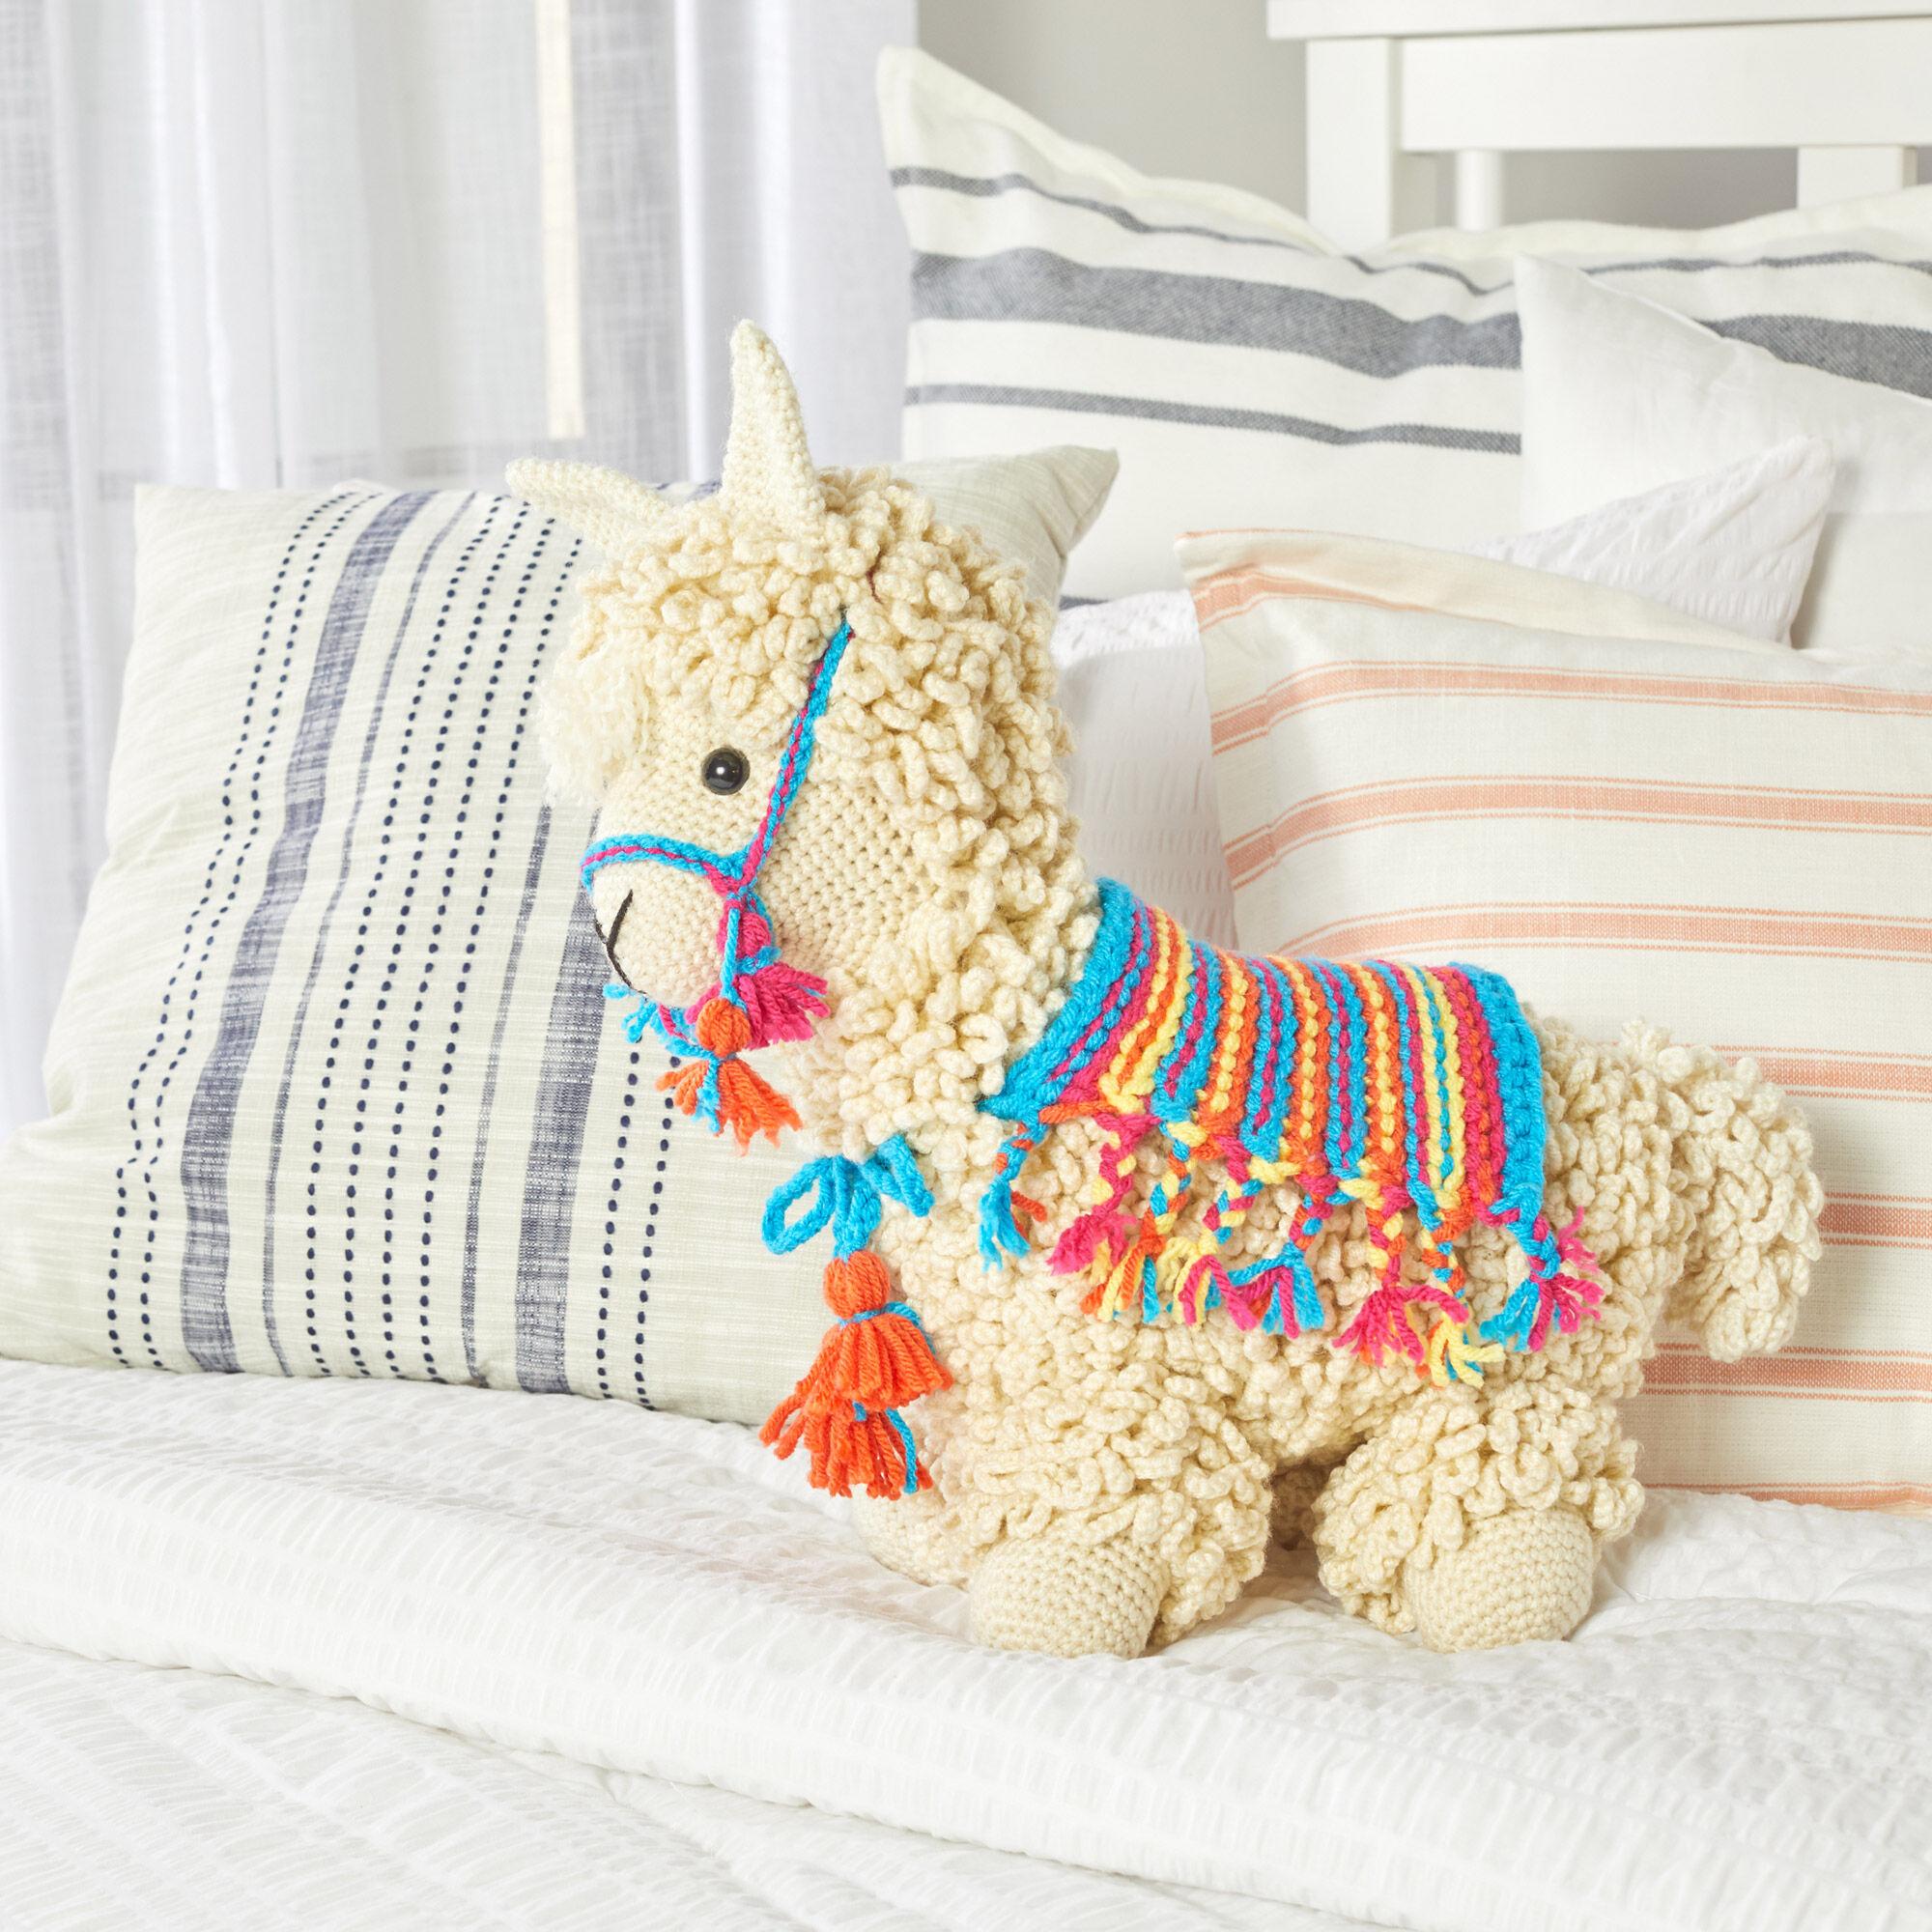 Hipster Llama Crochet Pattern | Etsy | 2000x2000